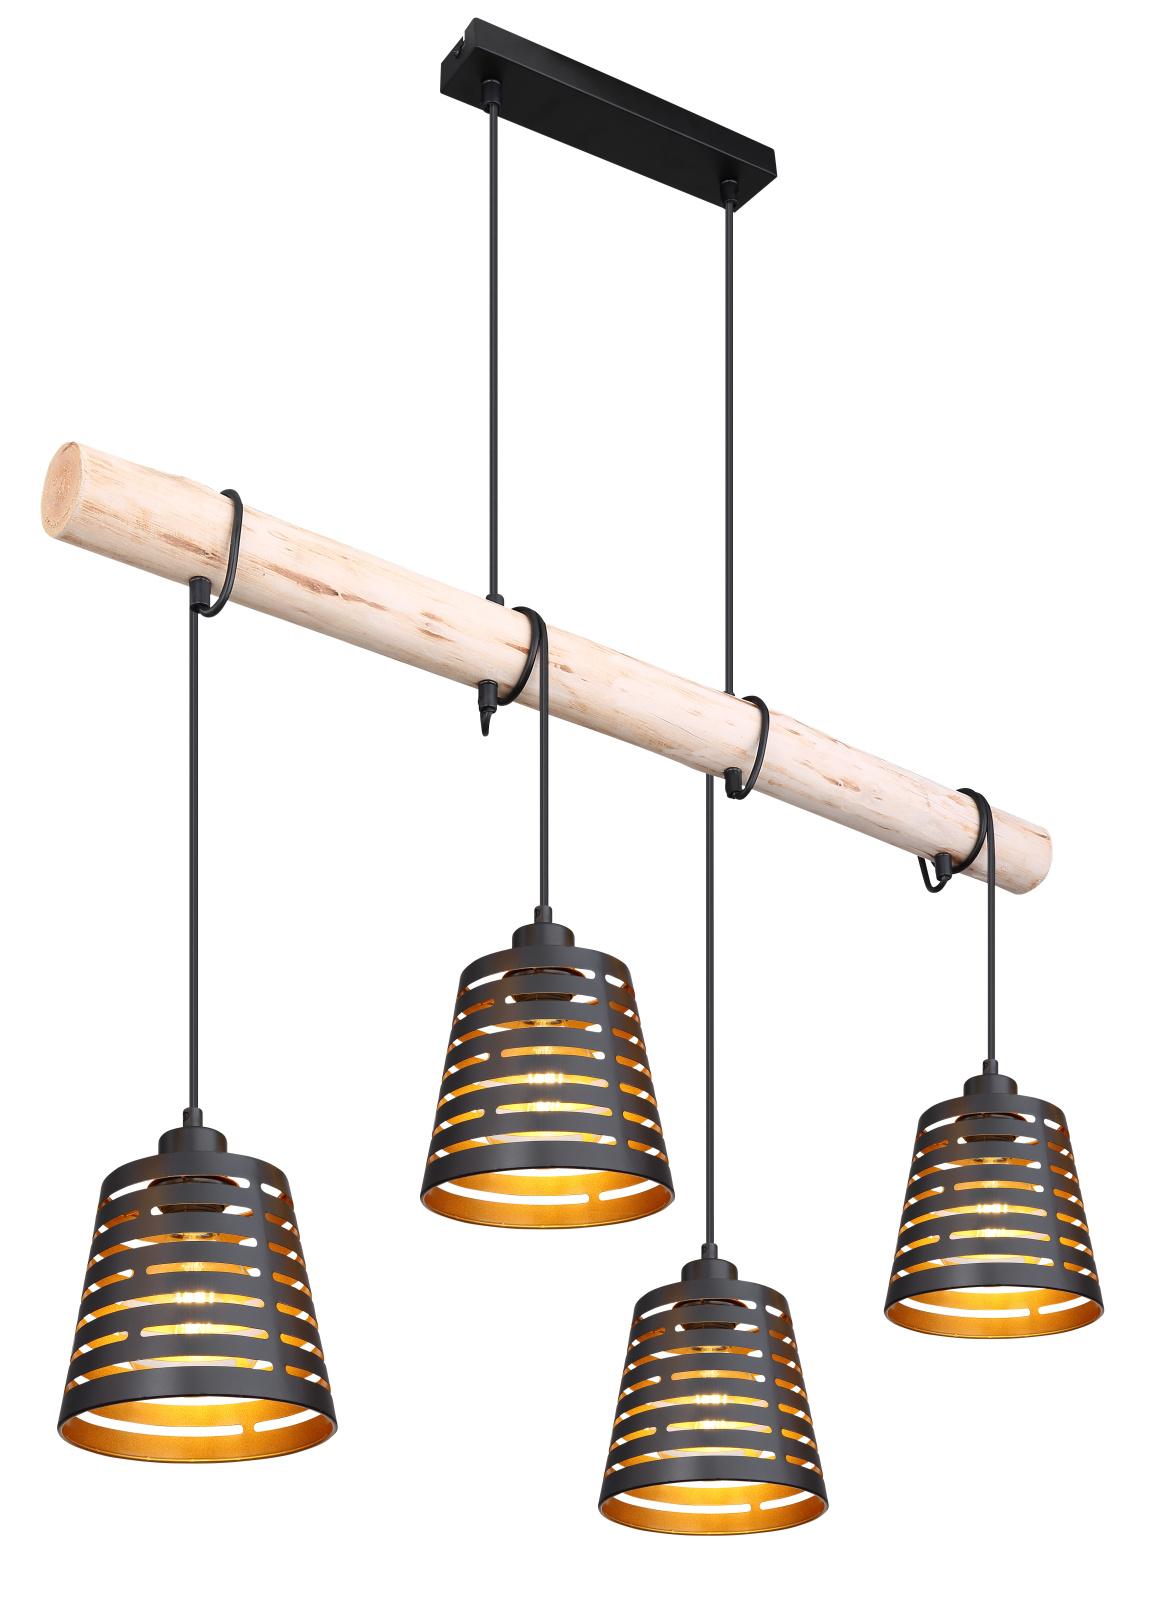 Függeszték fém fekete alaplap, fekete kábel, fém fekete-arany búrák, natúr fa betéttel kombinálva exkl. 4xE27 60W 230V